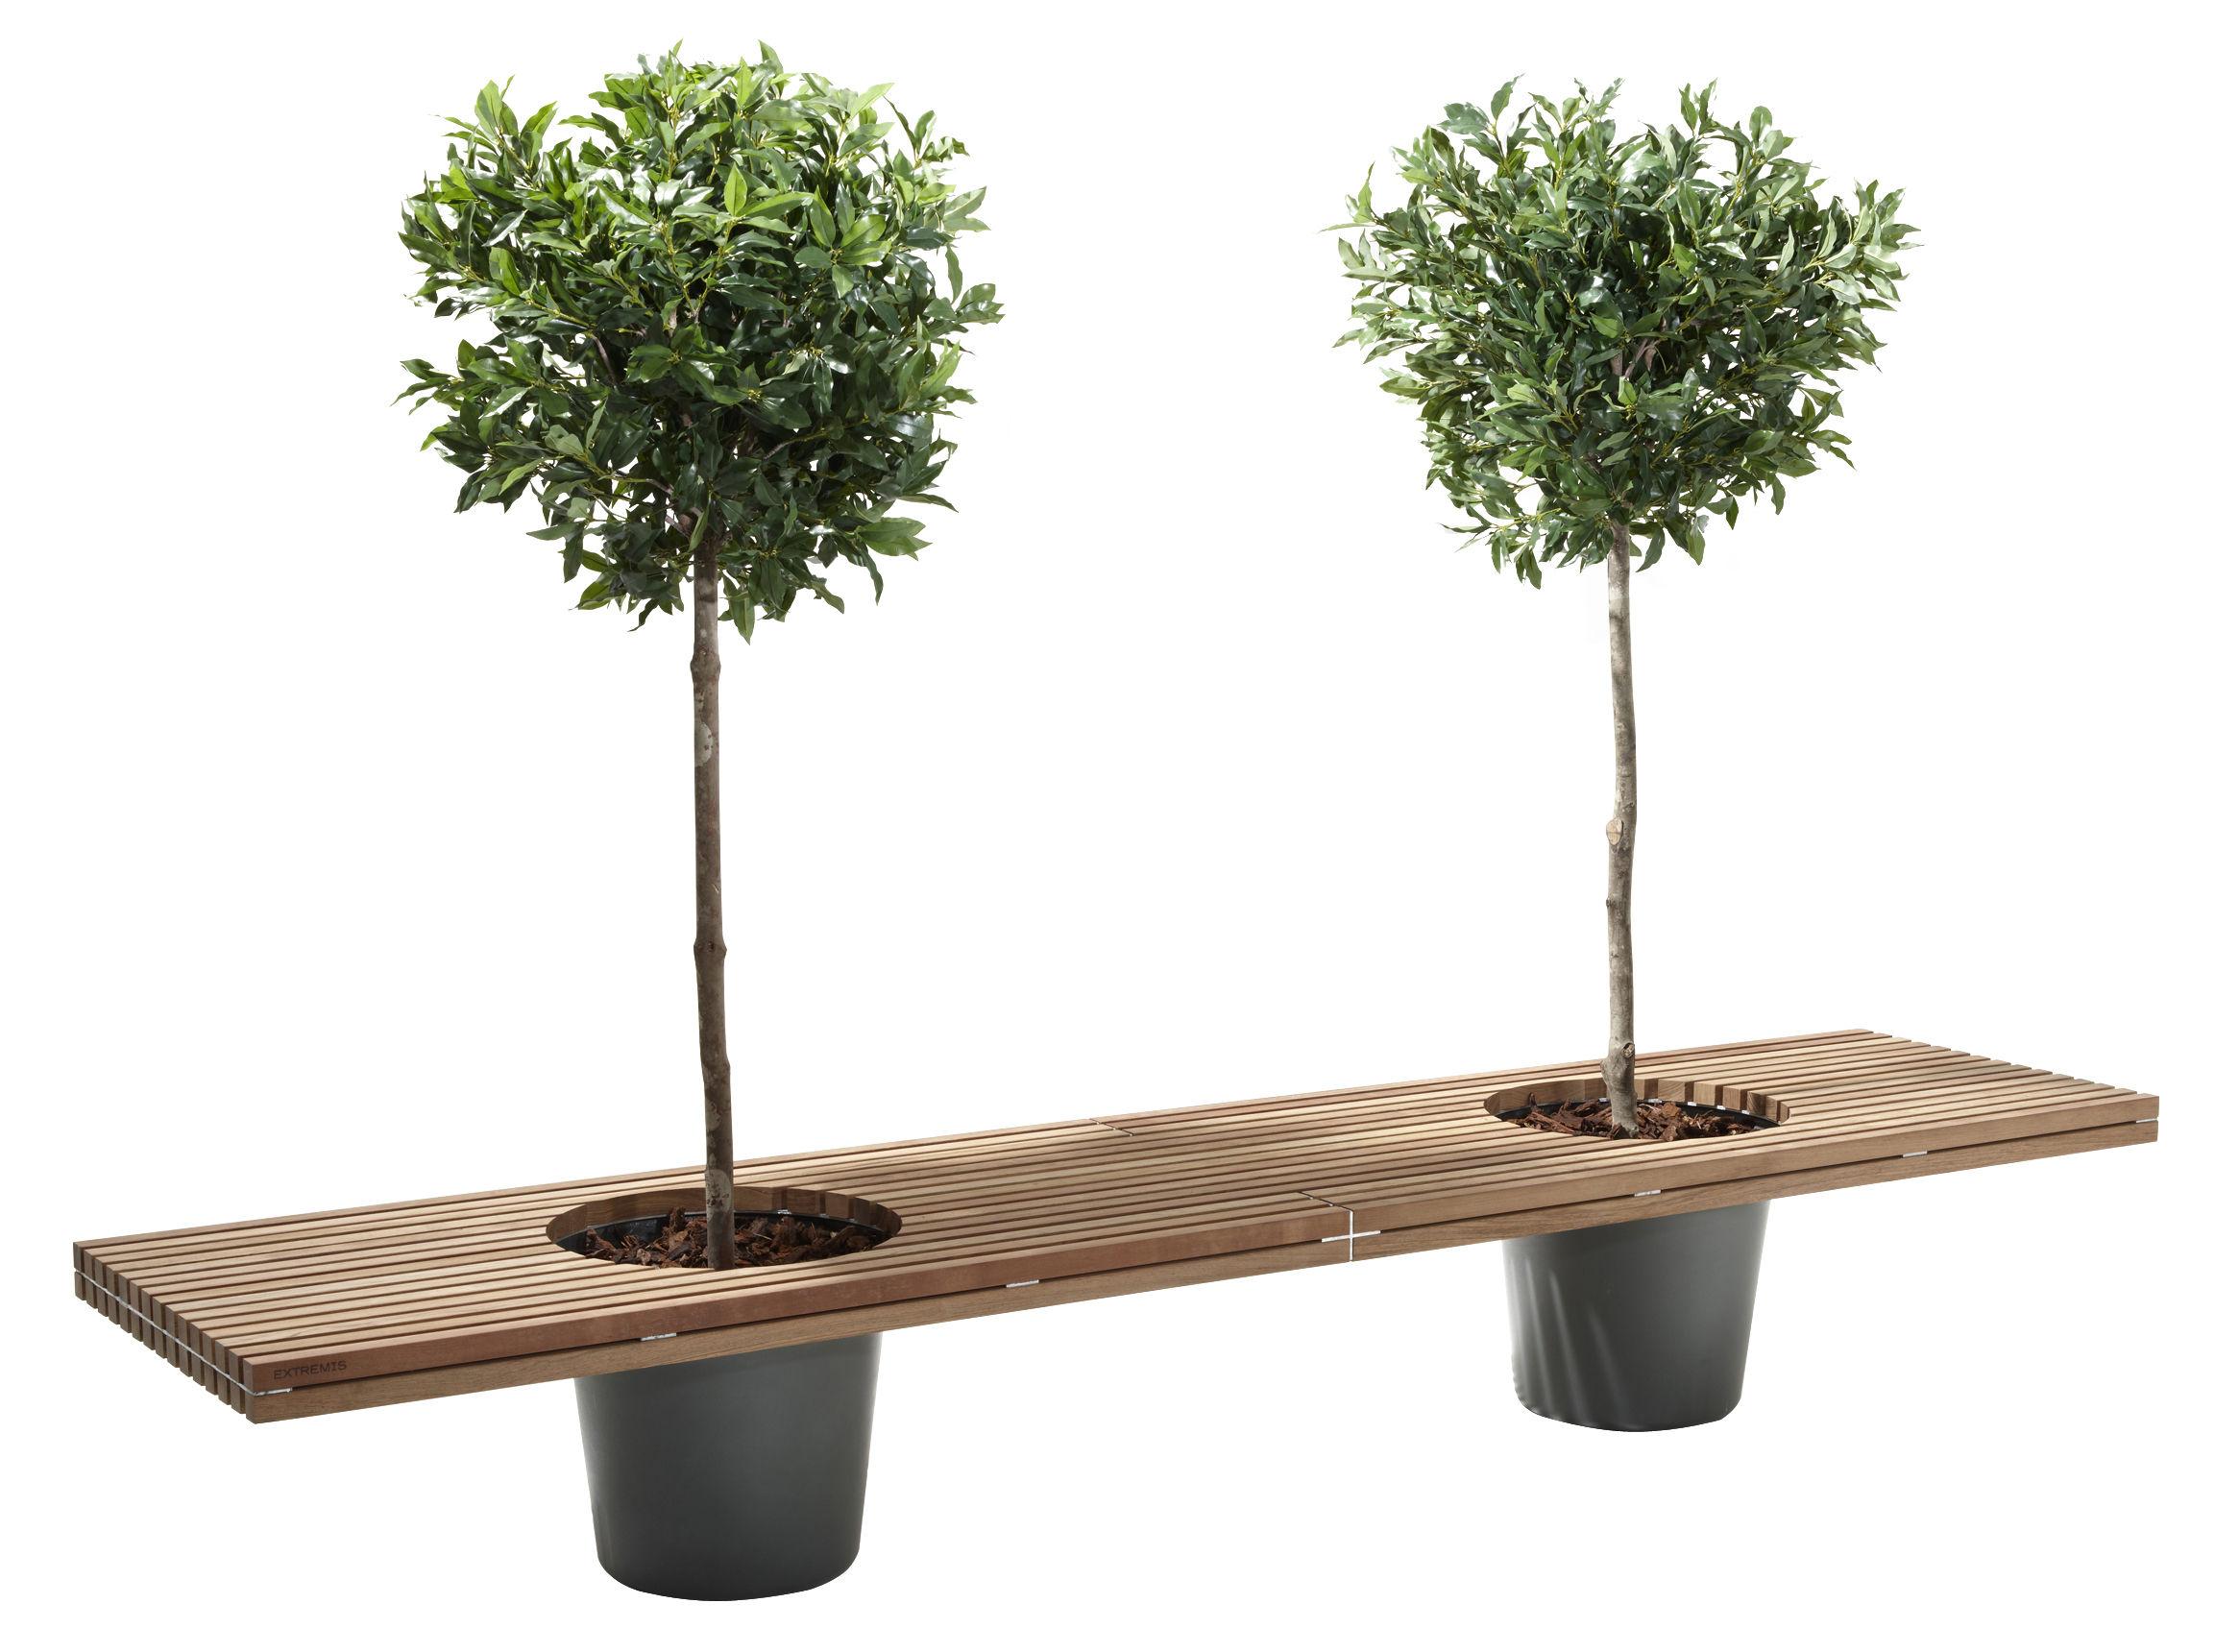 Möbel - Bänke - Romeo & Juliet Bank mit zwei integrierten Blumentöpfen - L 320 cm - Extremis - Holz / Töpfe grau - galvanisierter Stahl, Glasfaser, Holz